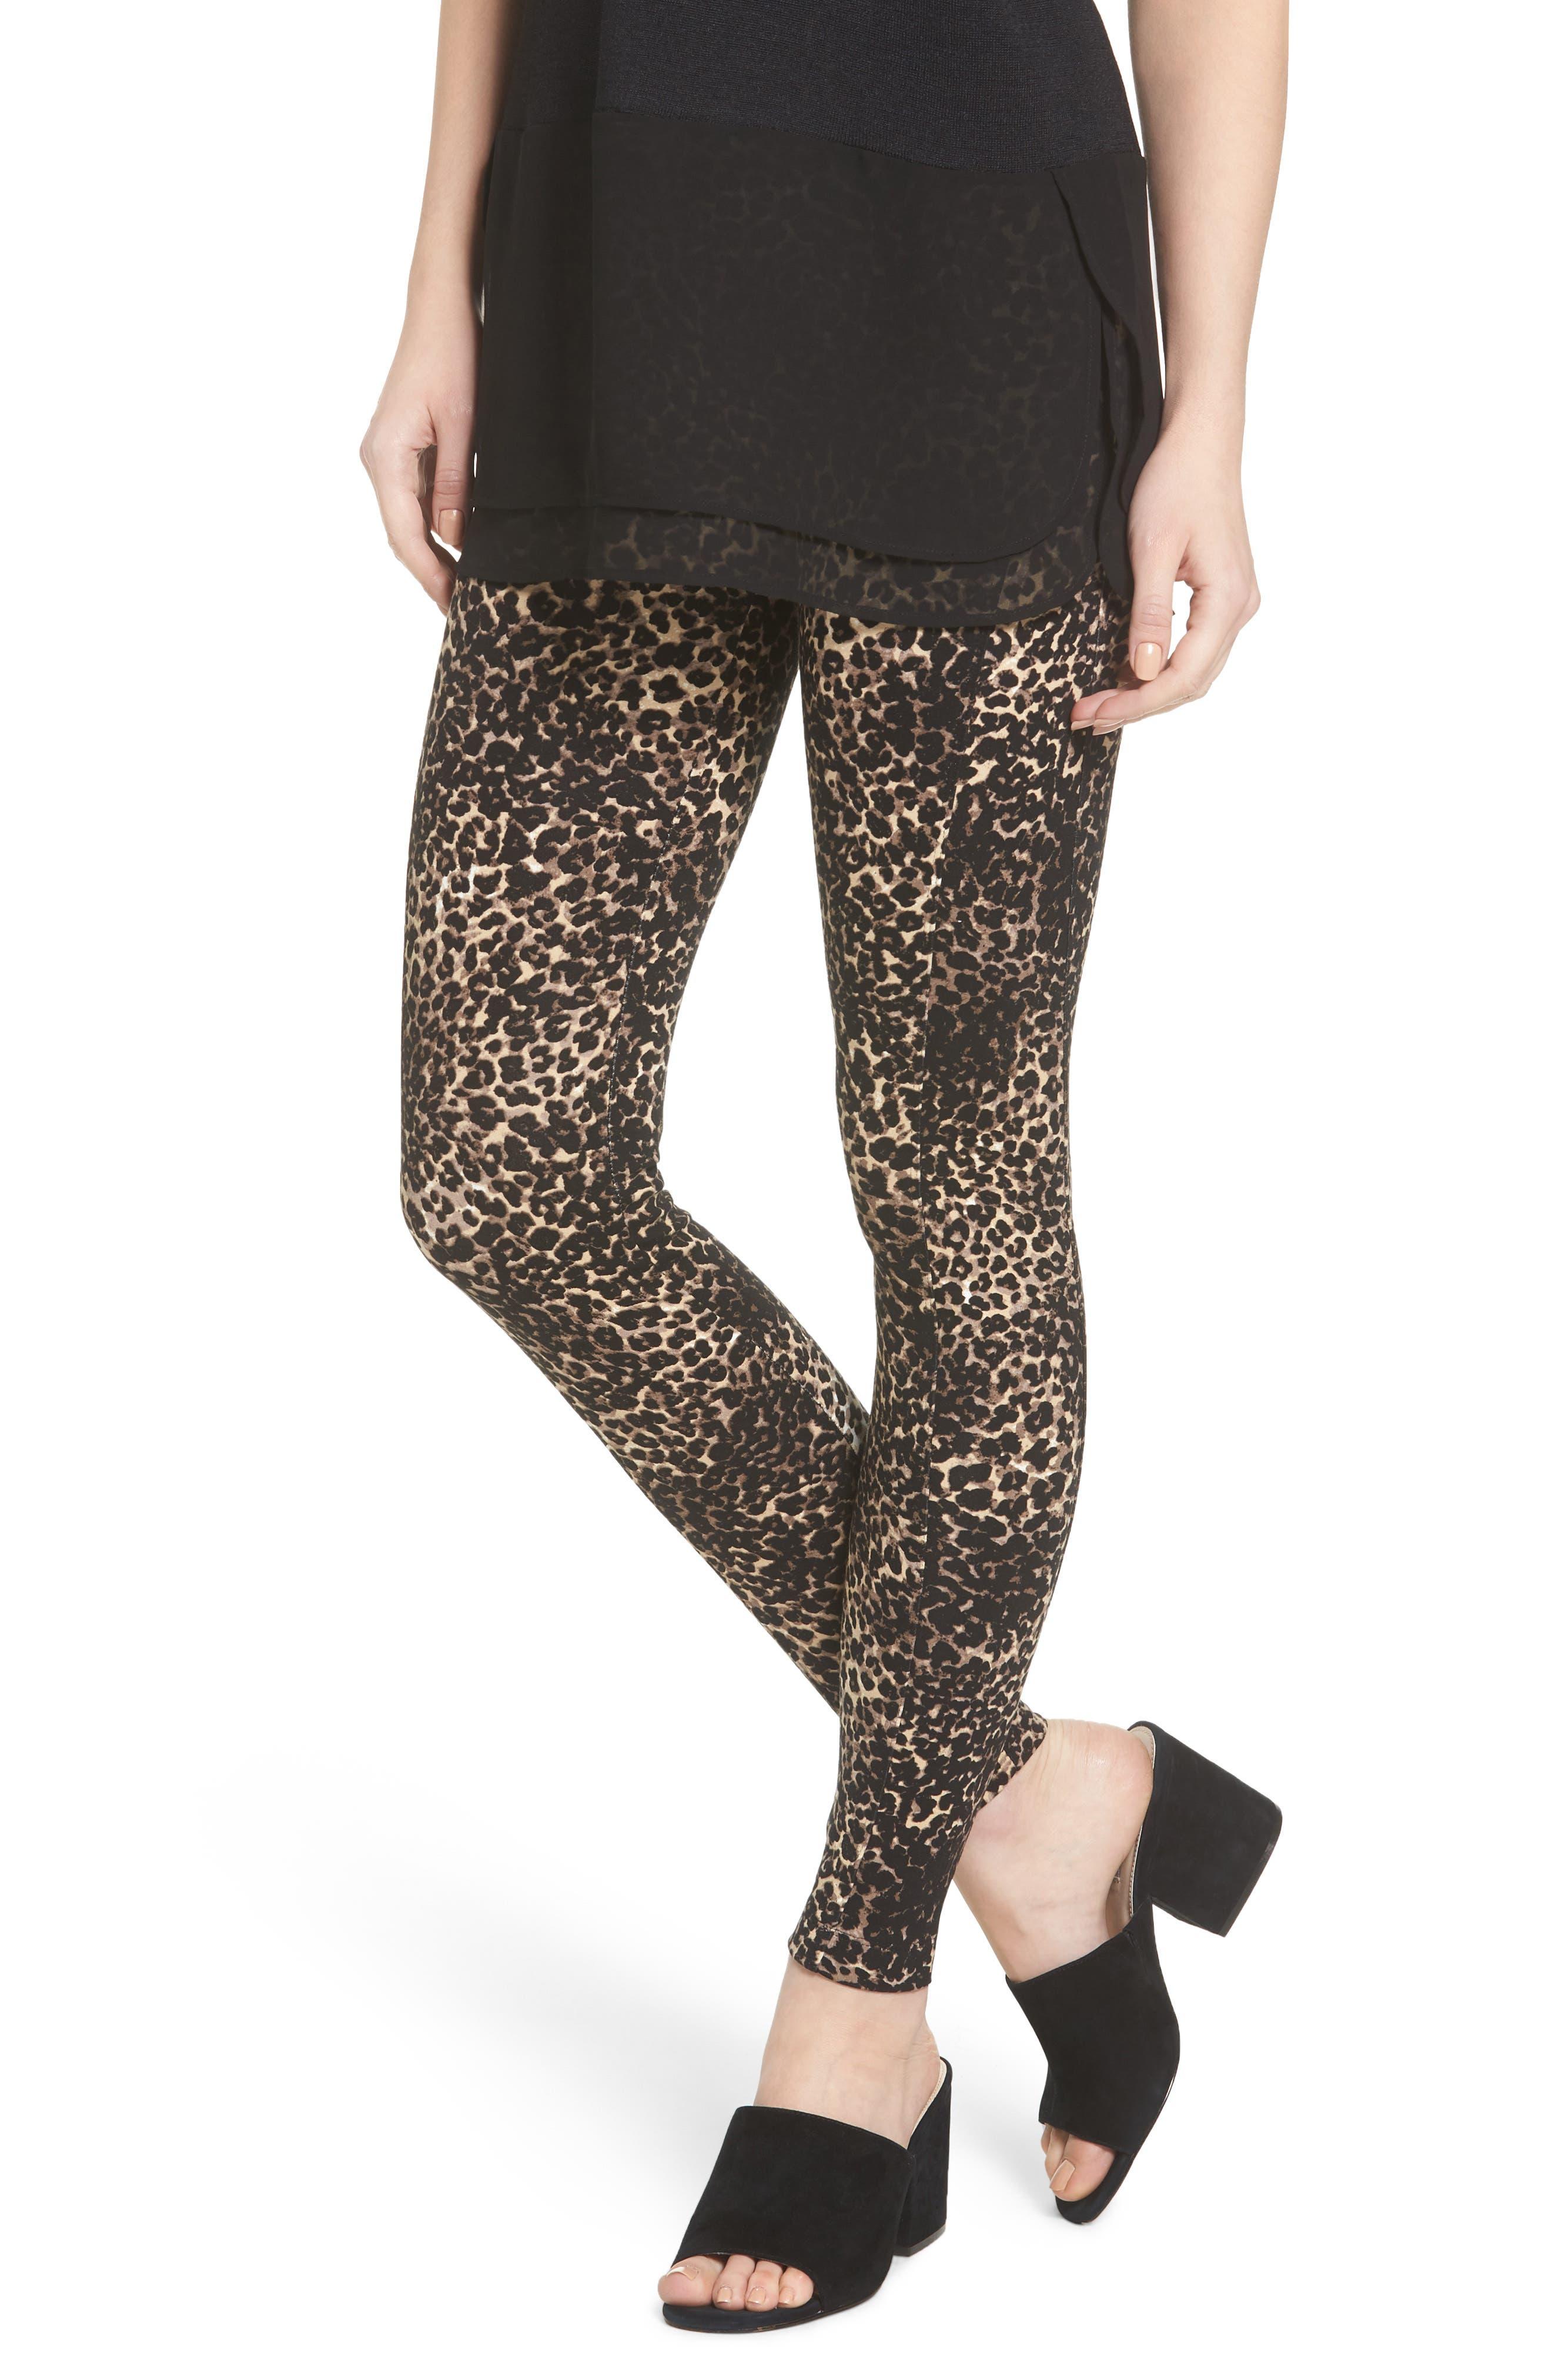 Lyssé Ella Leopard Print Leggings